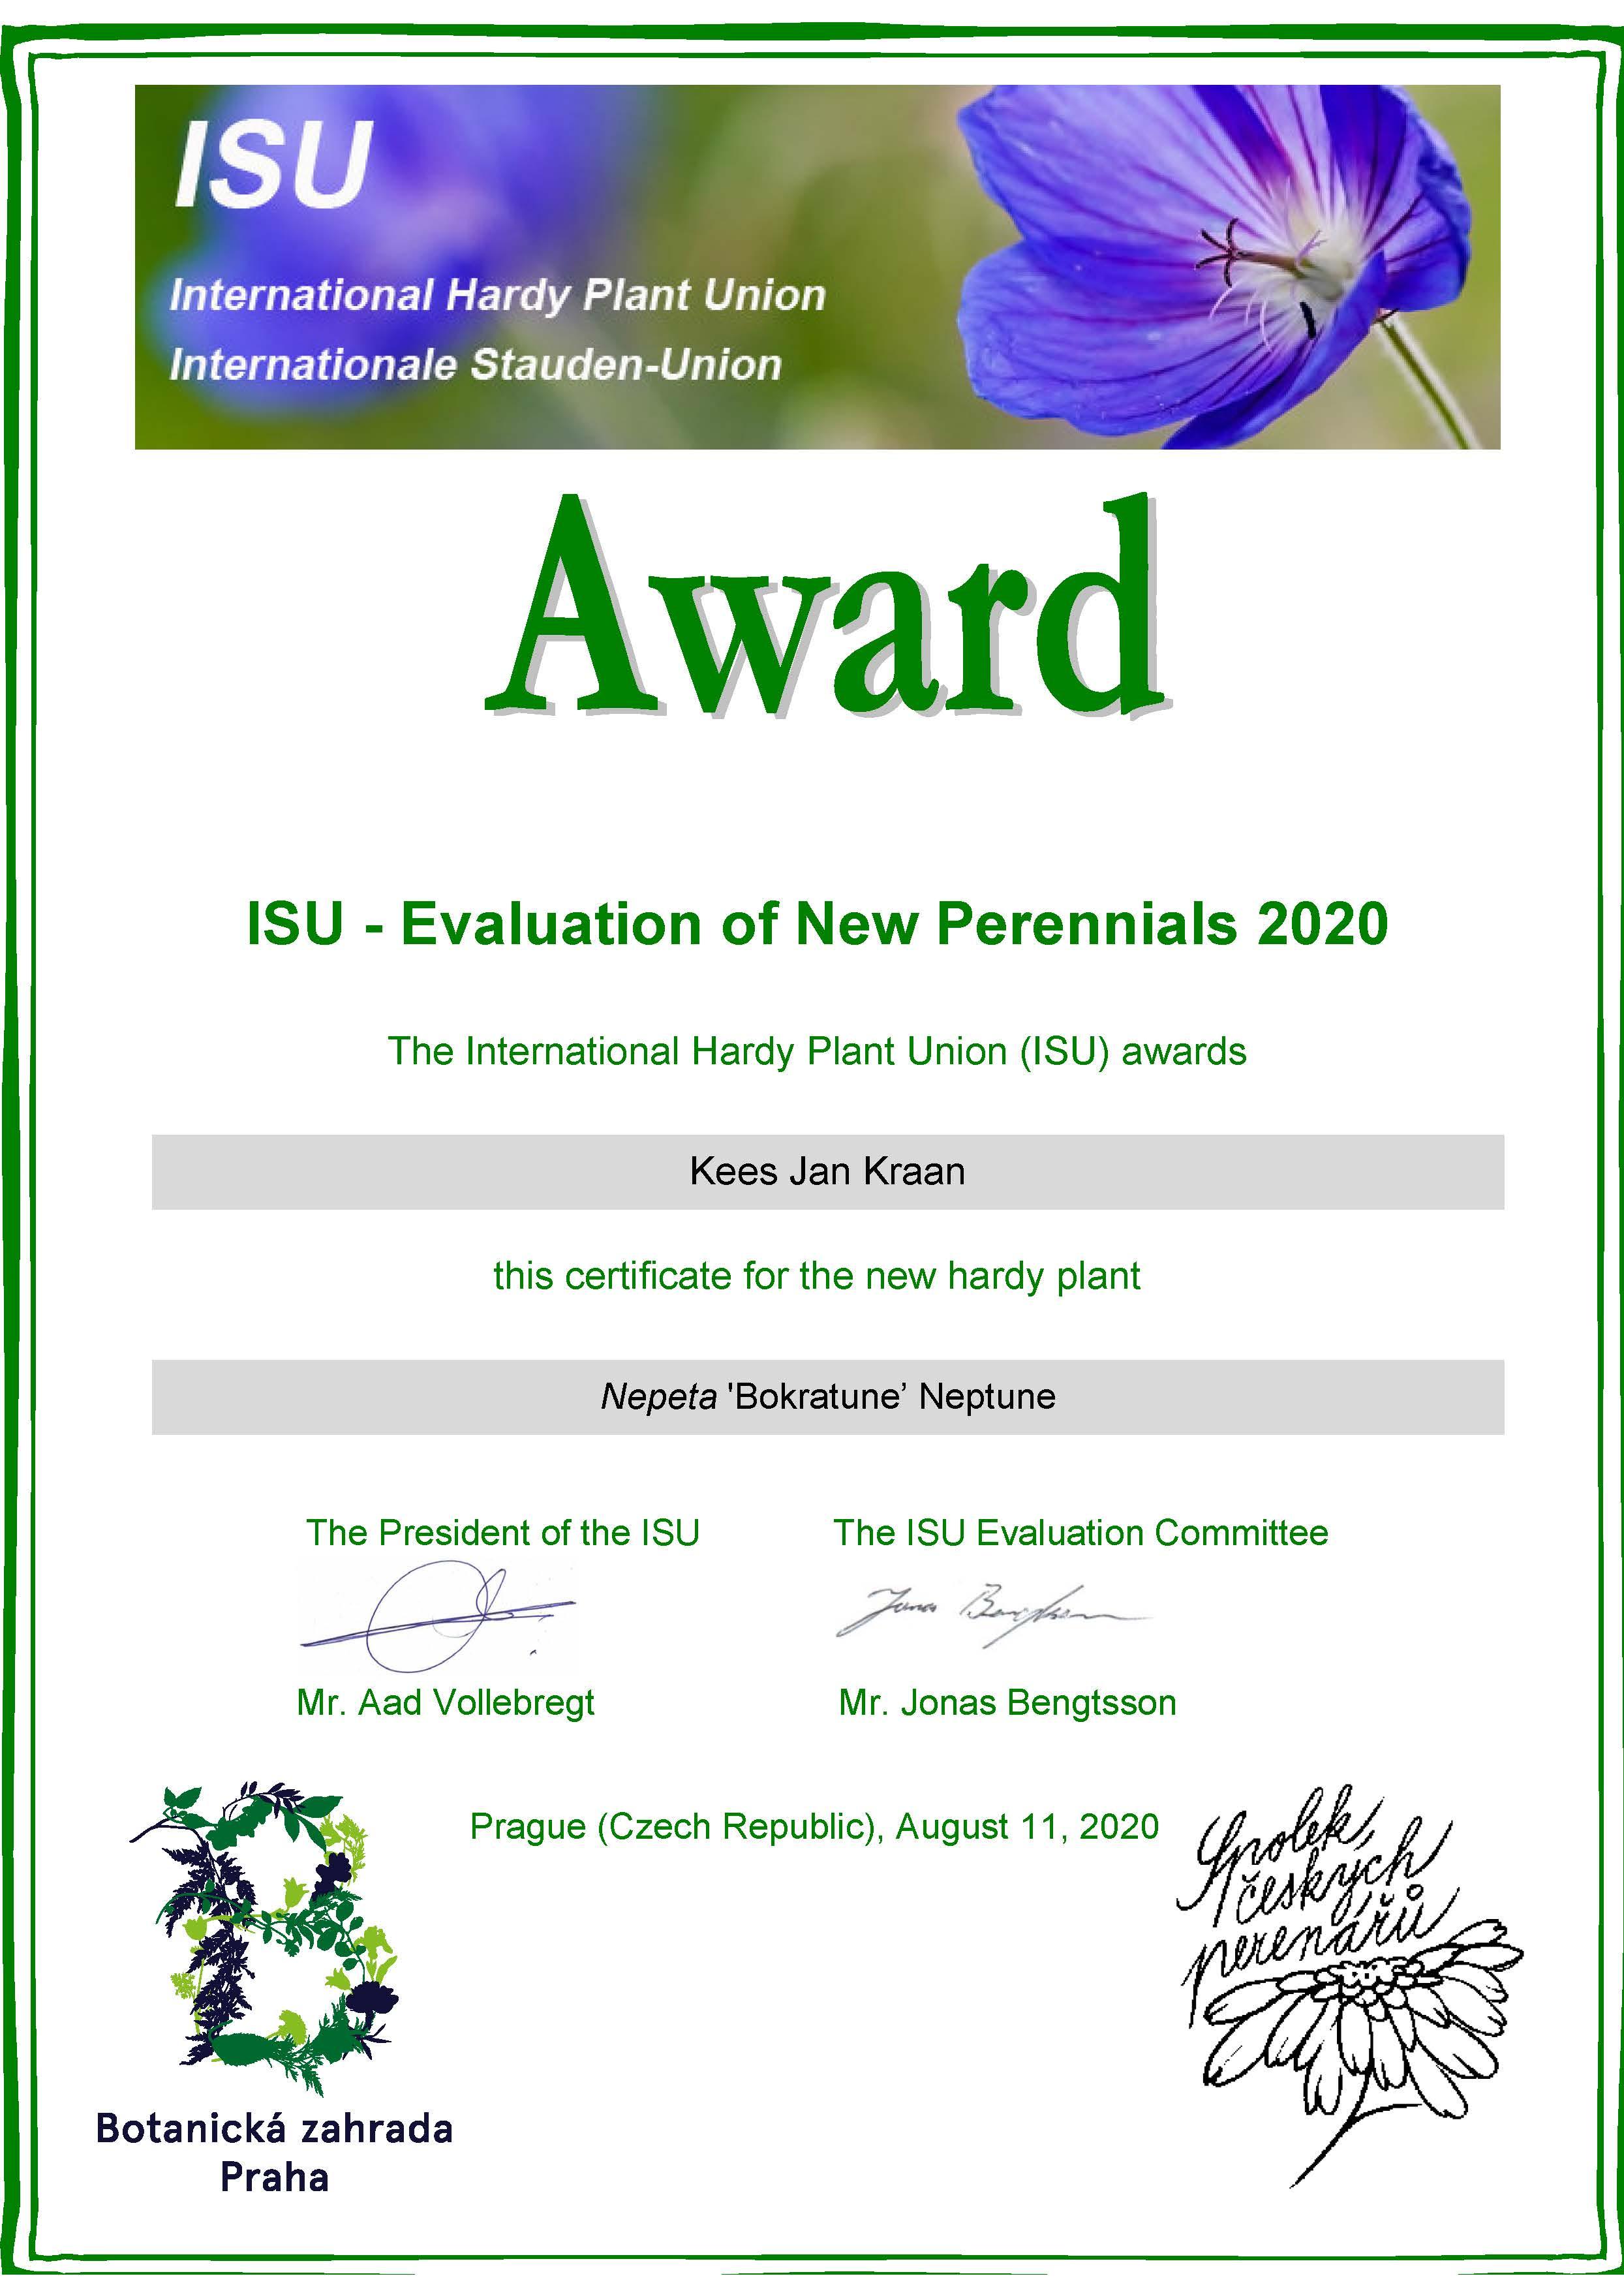 ISU Award 2020